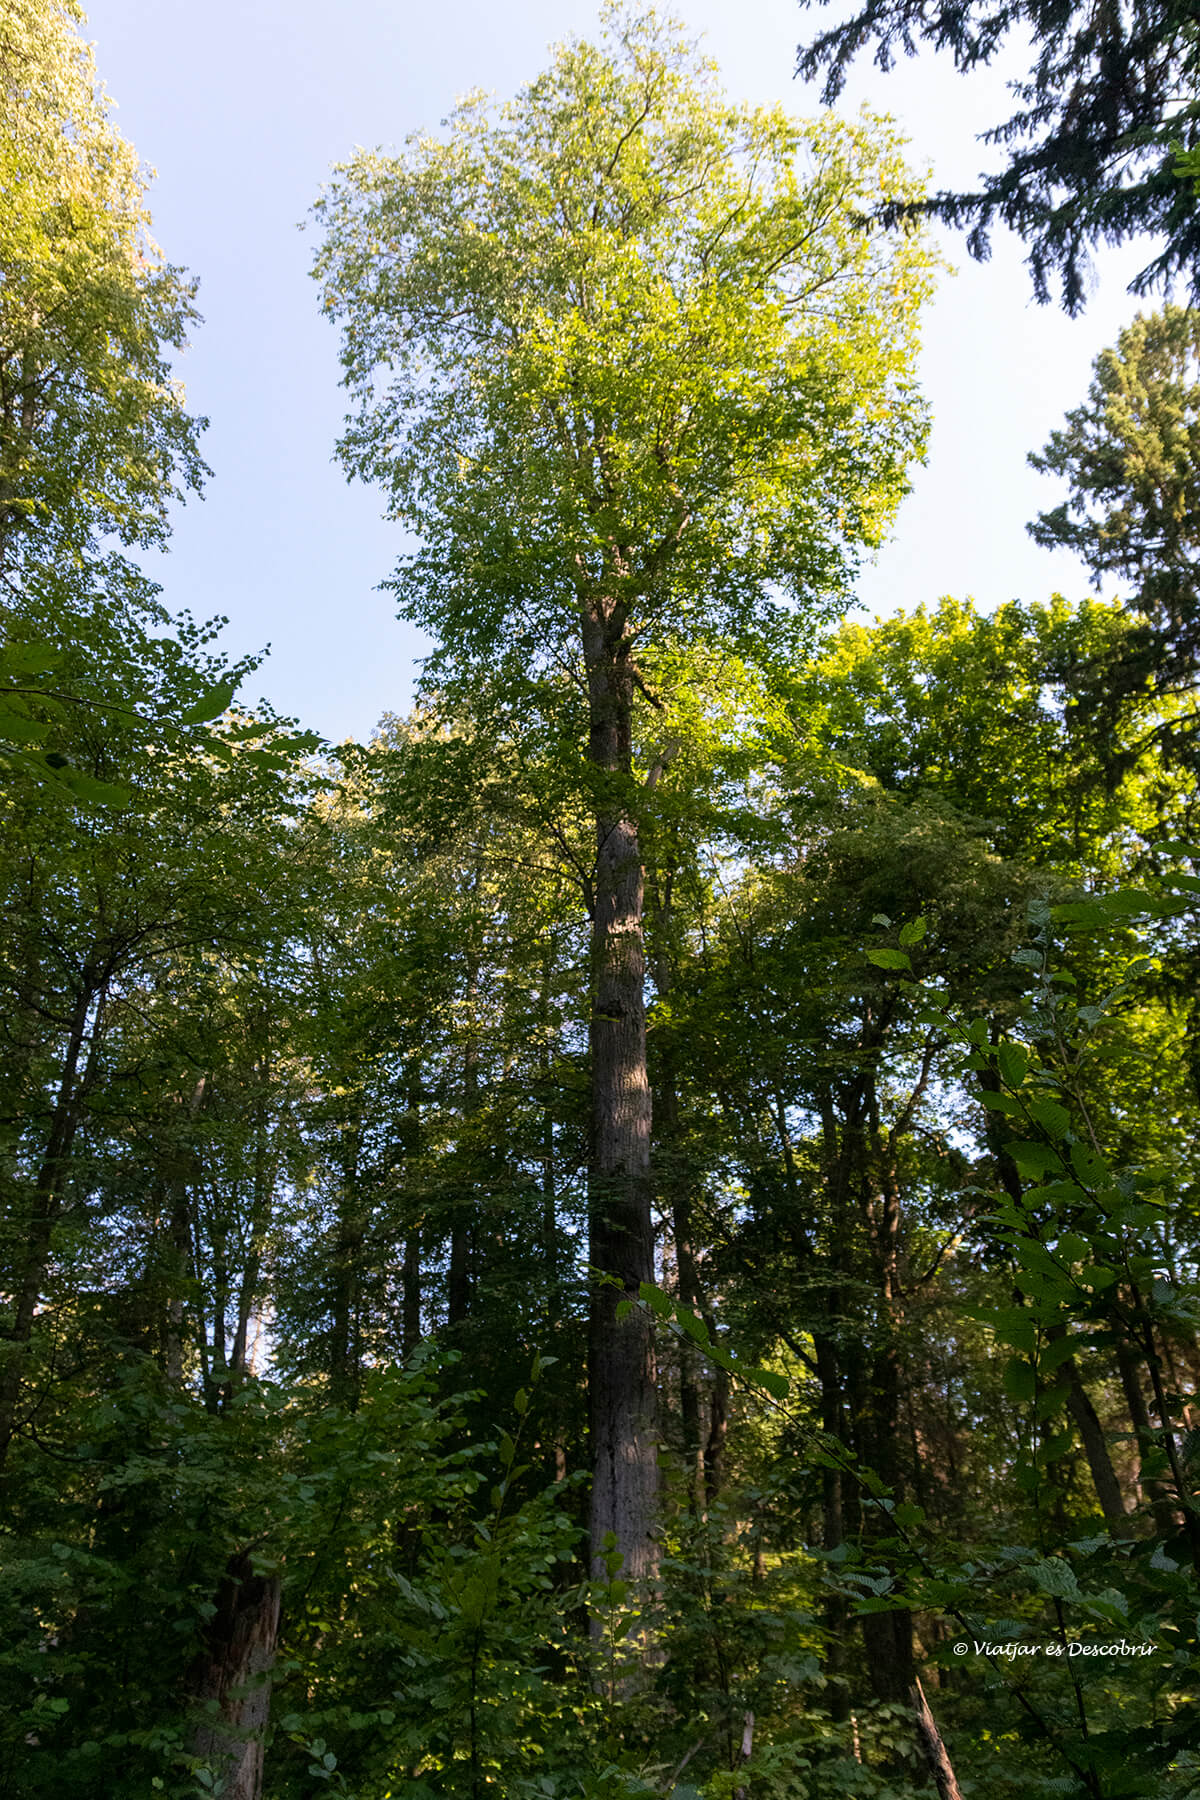 uno de los árboles más altos del bosque primitivo